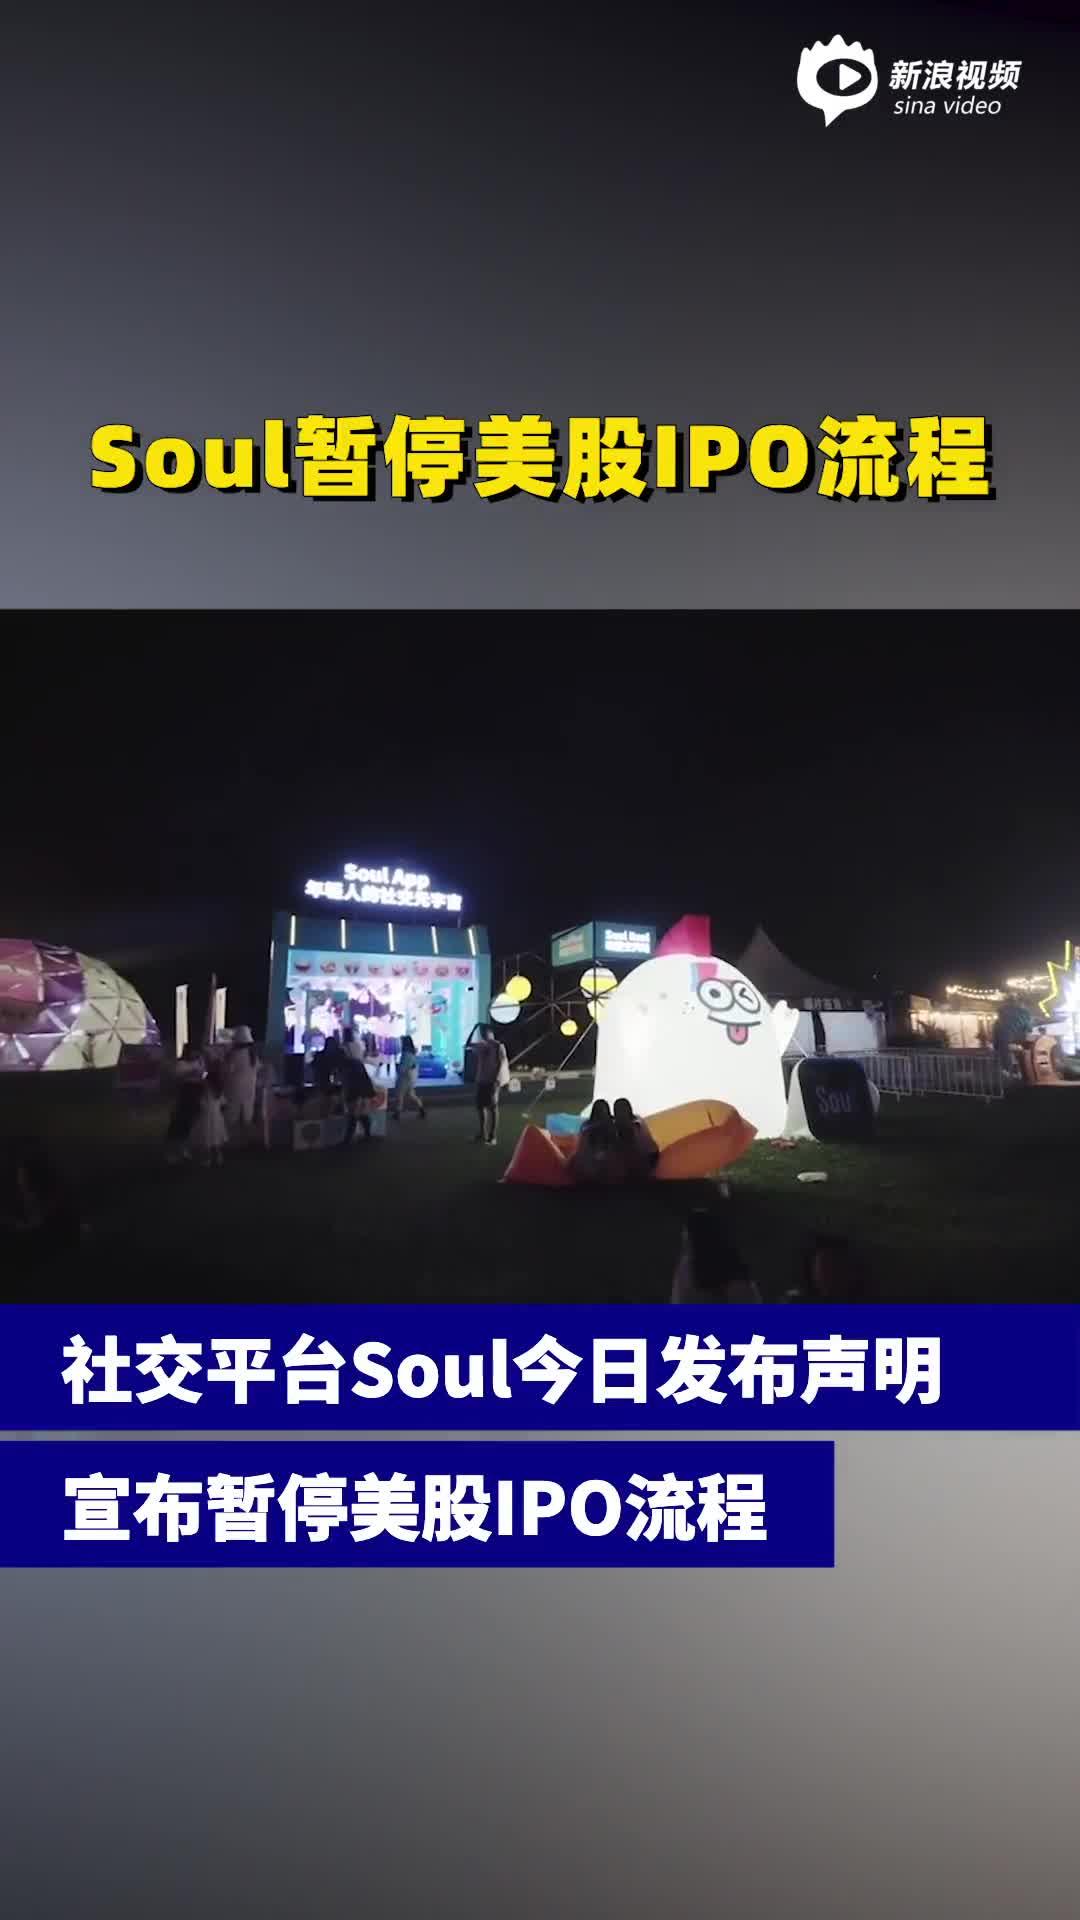 Soul暂停美股IPO流程